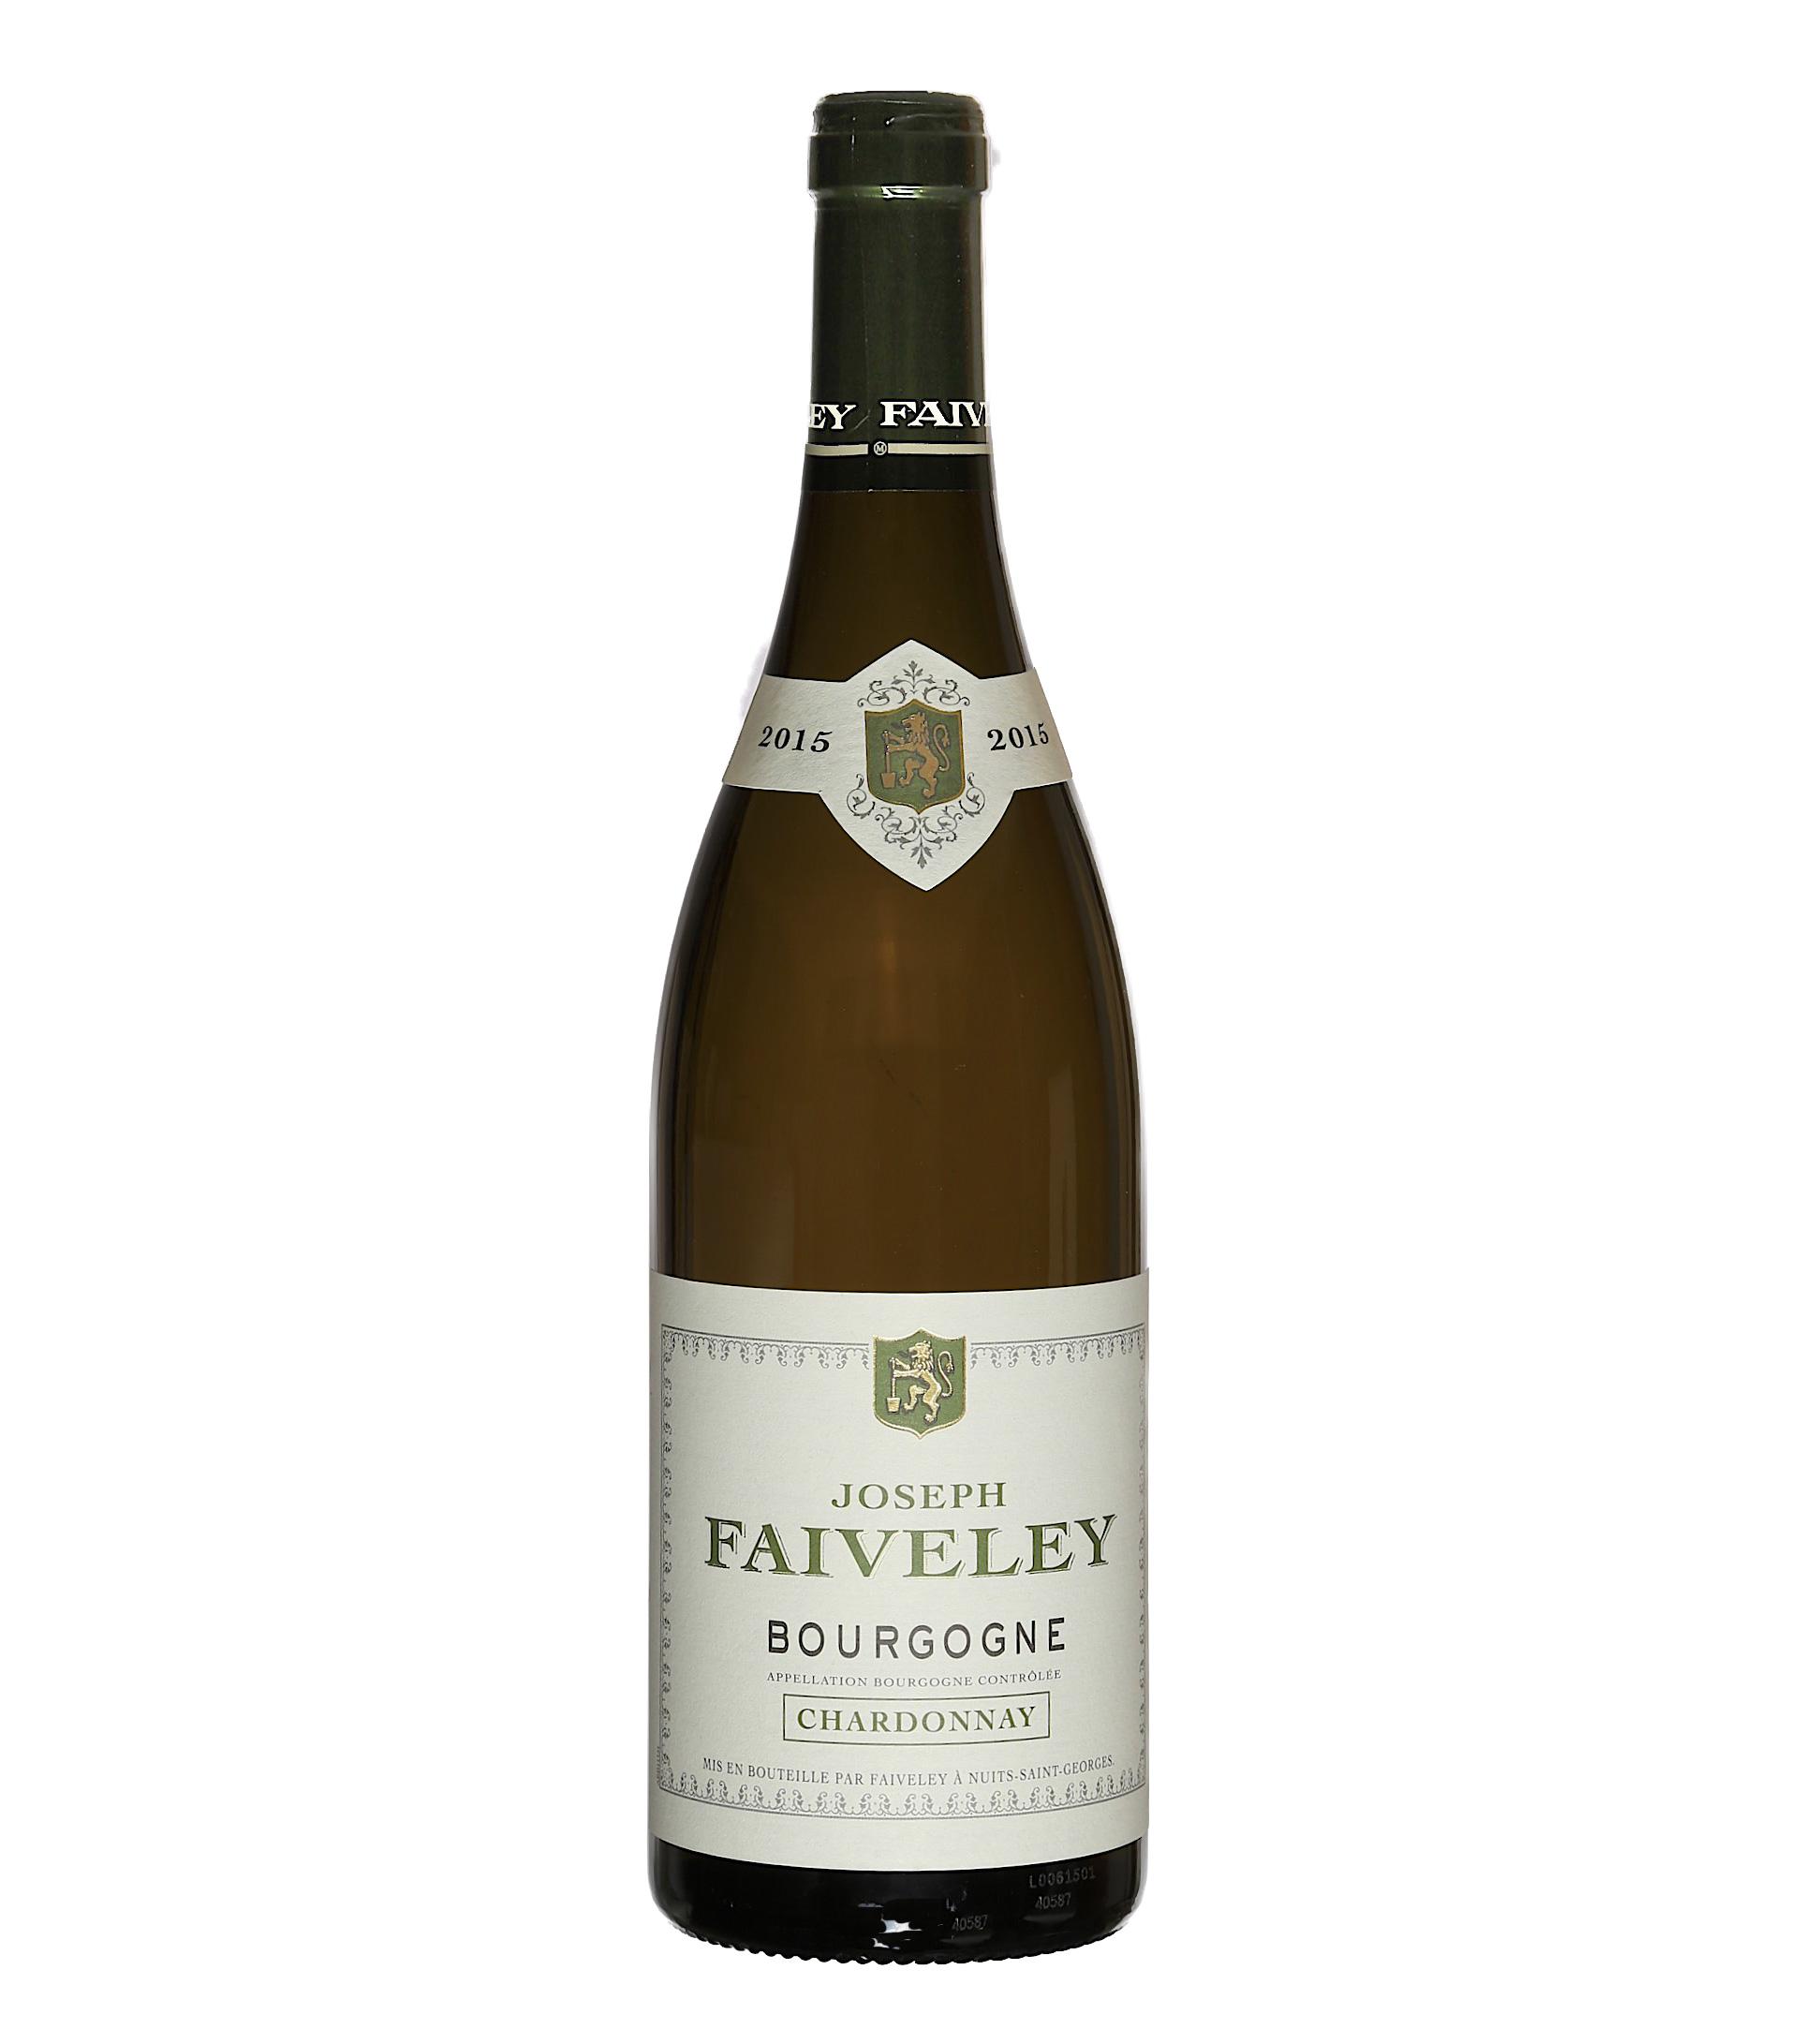 faiveley bourgogne chardonnay